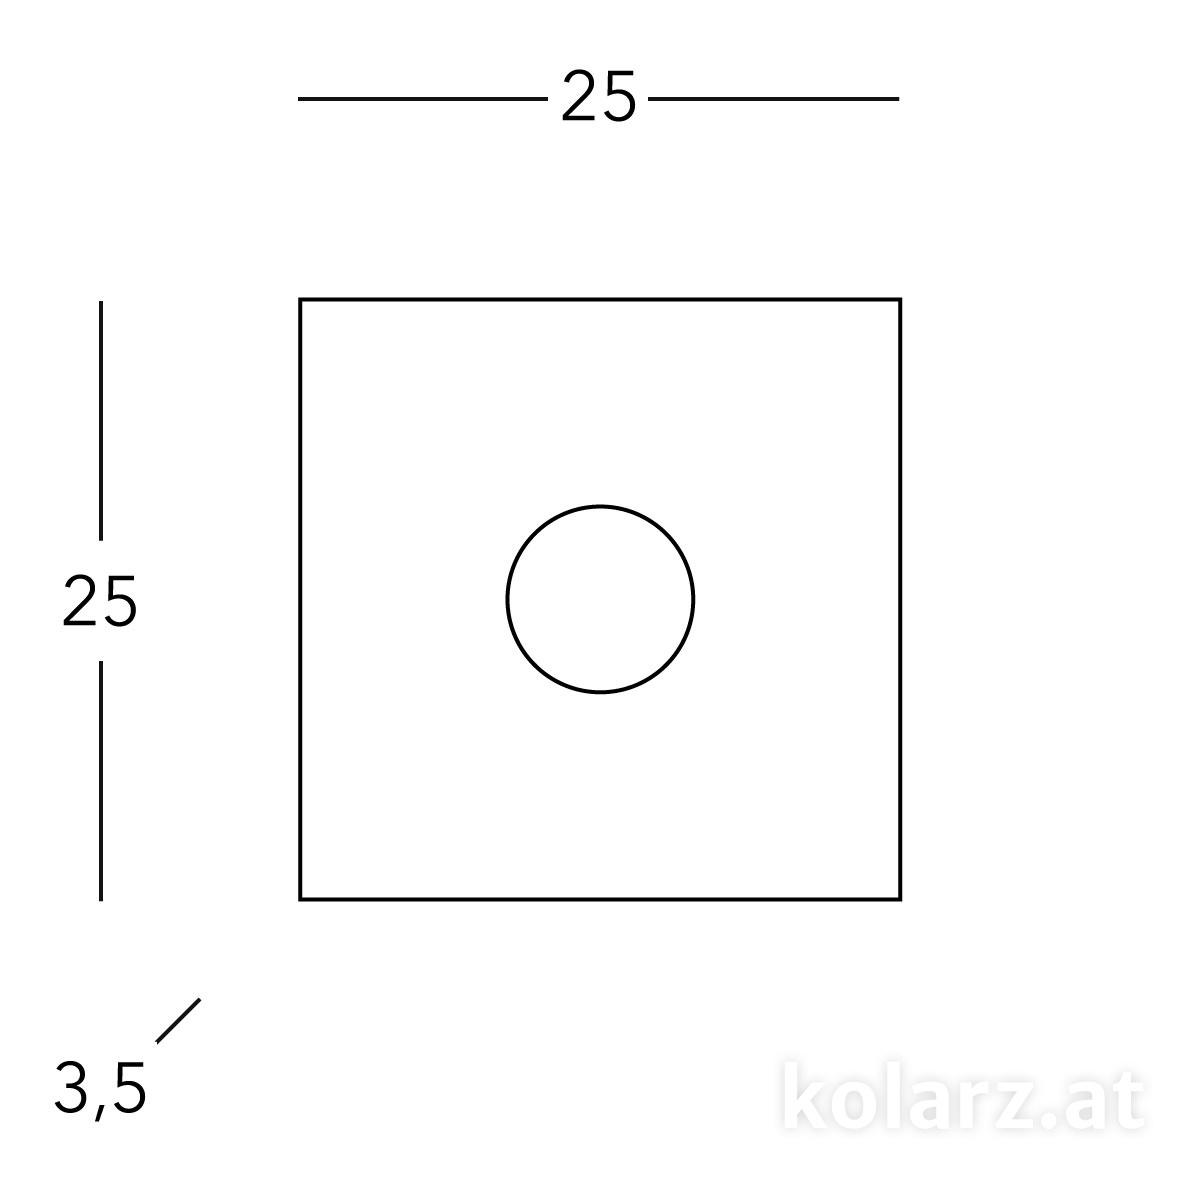 A1337-11-1-Ag-s1.jpg